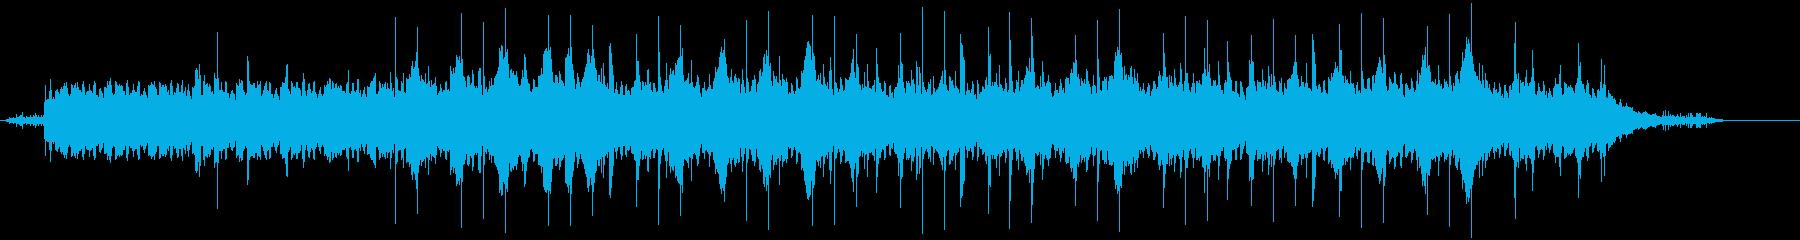 マイナー調のピアノインストです。の再生済みの波形